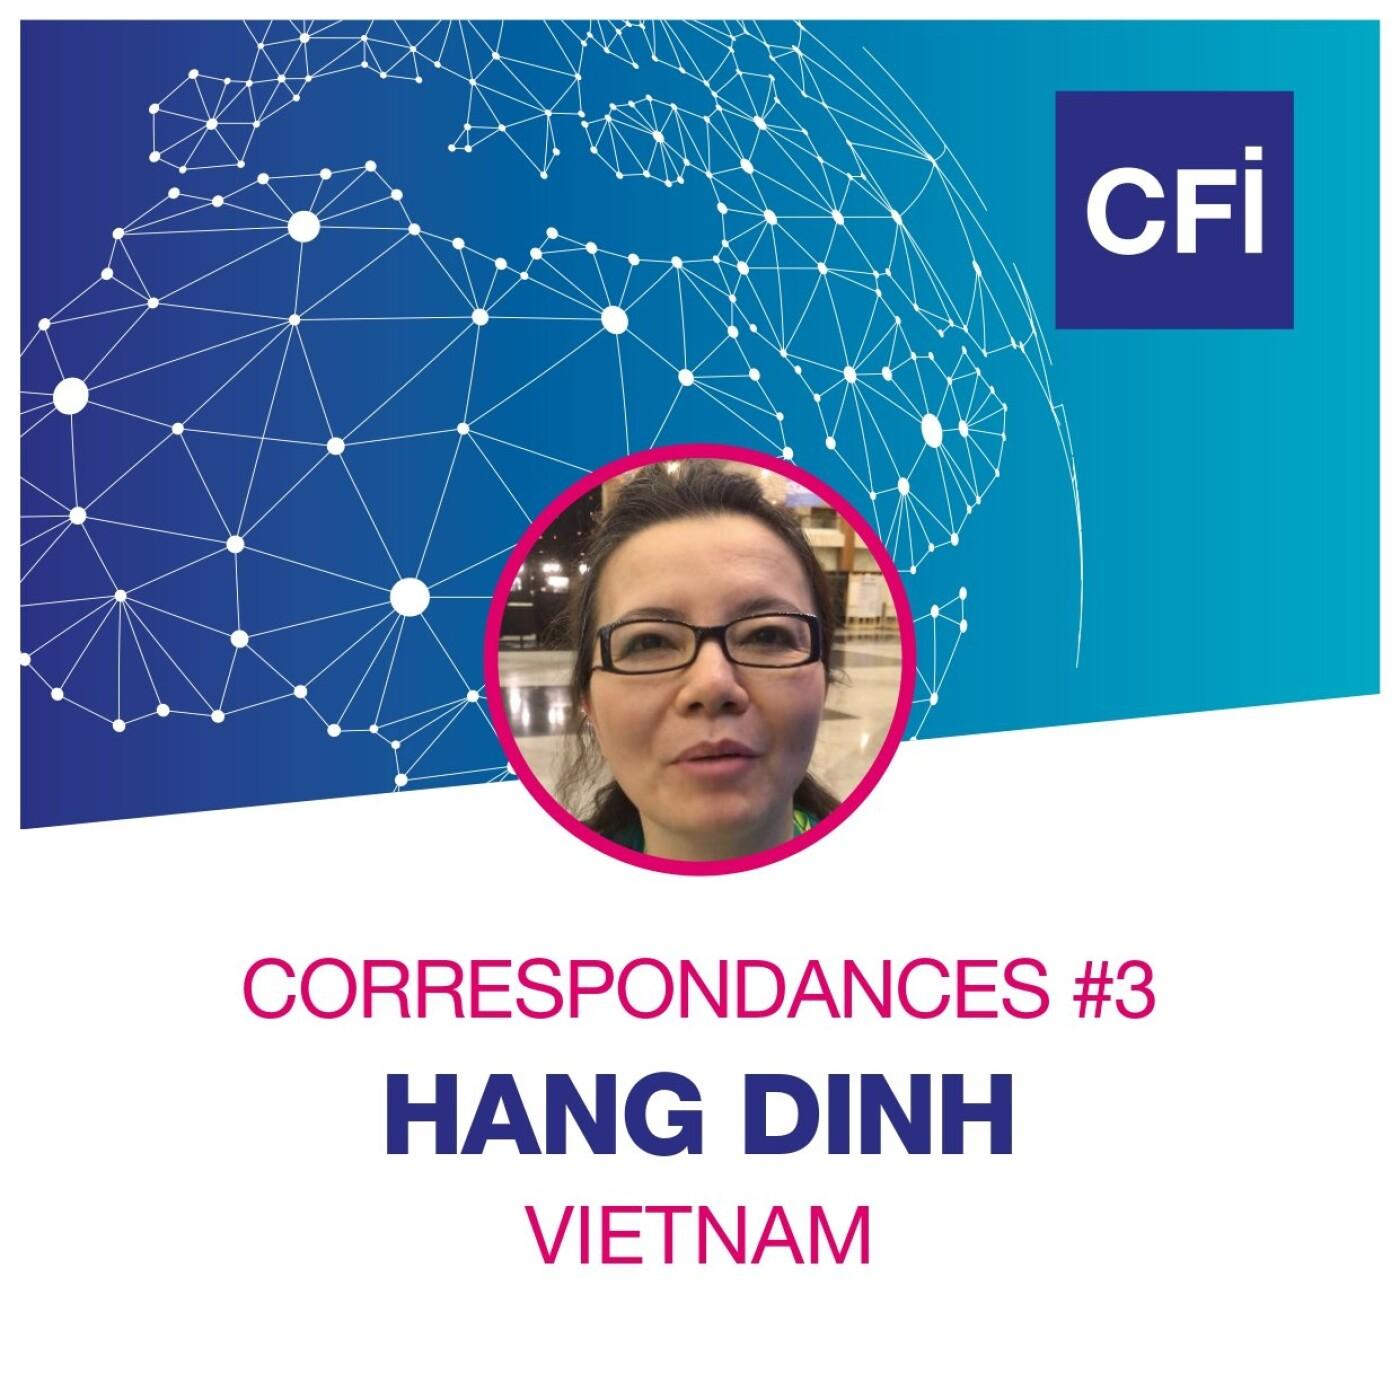 Correspondances #3 - Hang Dinh, la journaliste vietnamienne résiliente